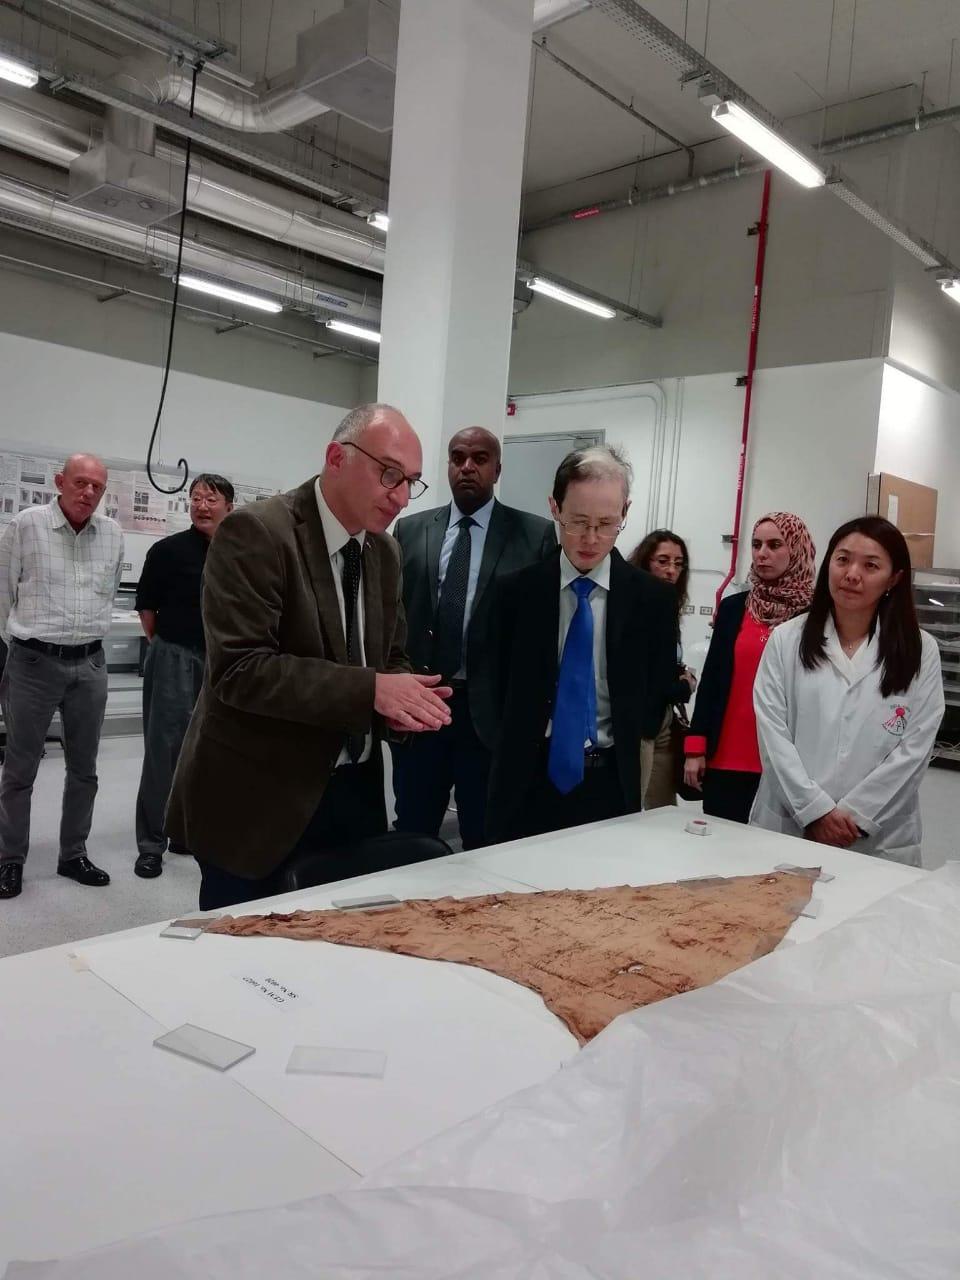 سفير اليابانى الجديد خلال زيارته للمتحف الكبير (1)